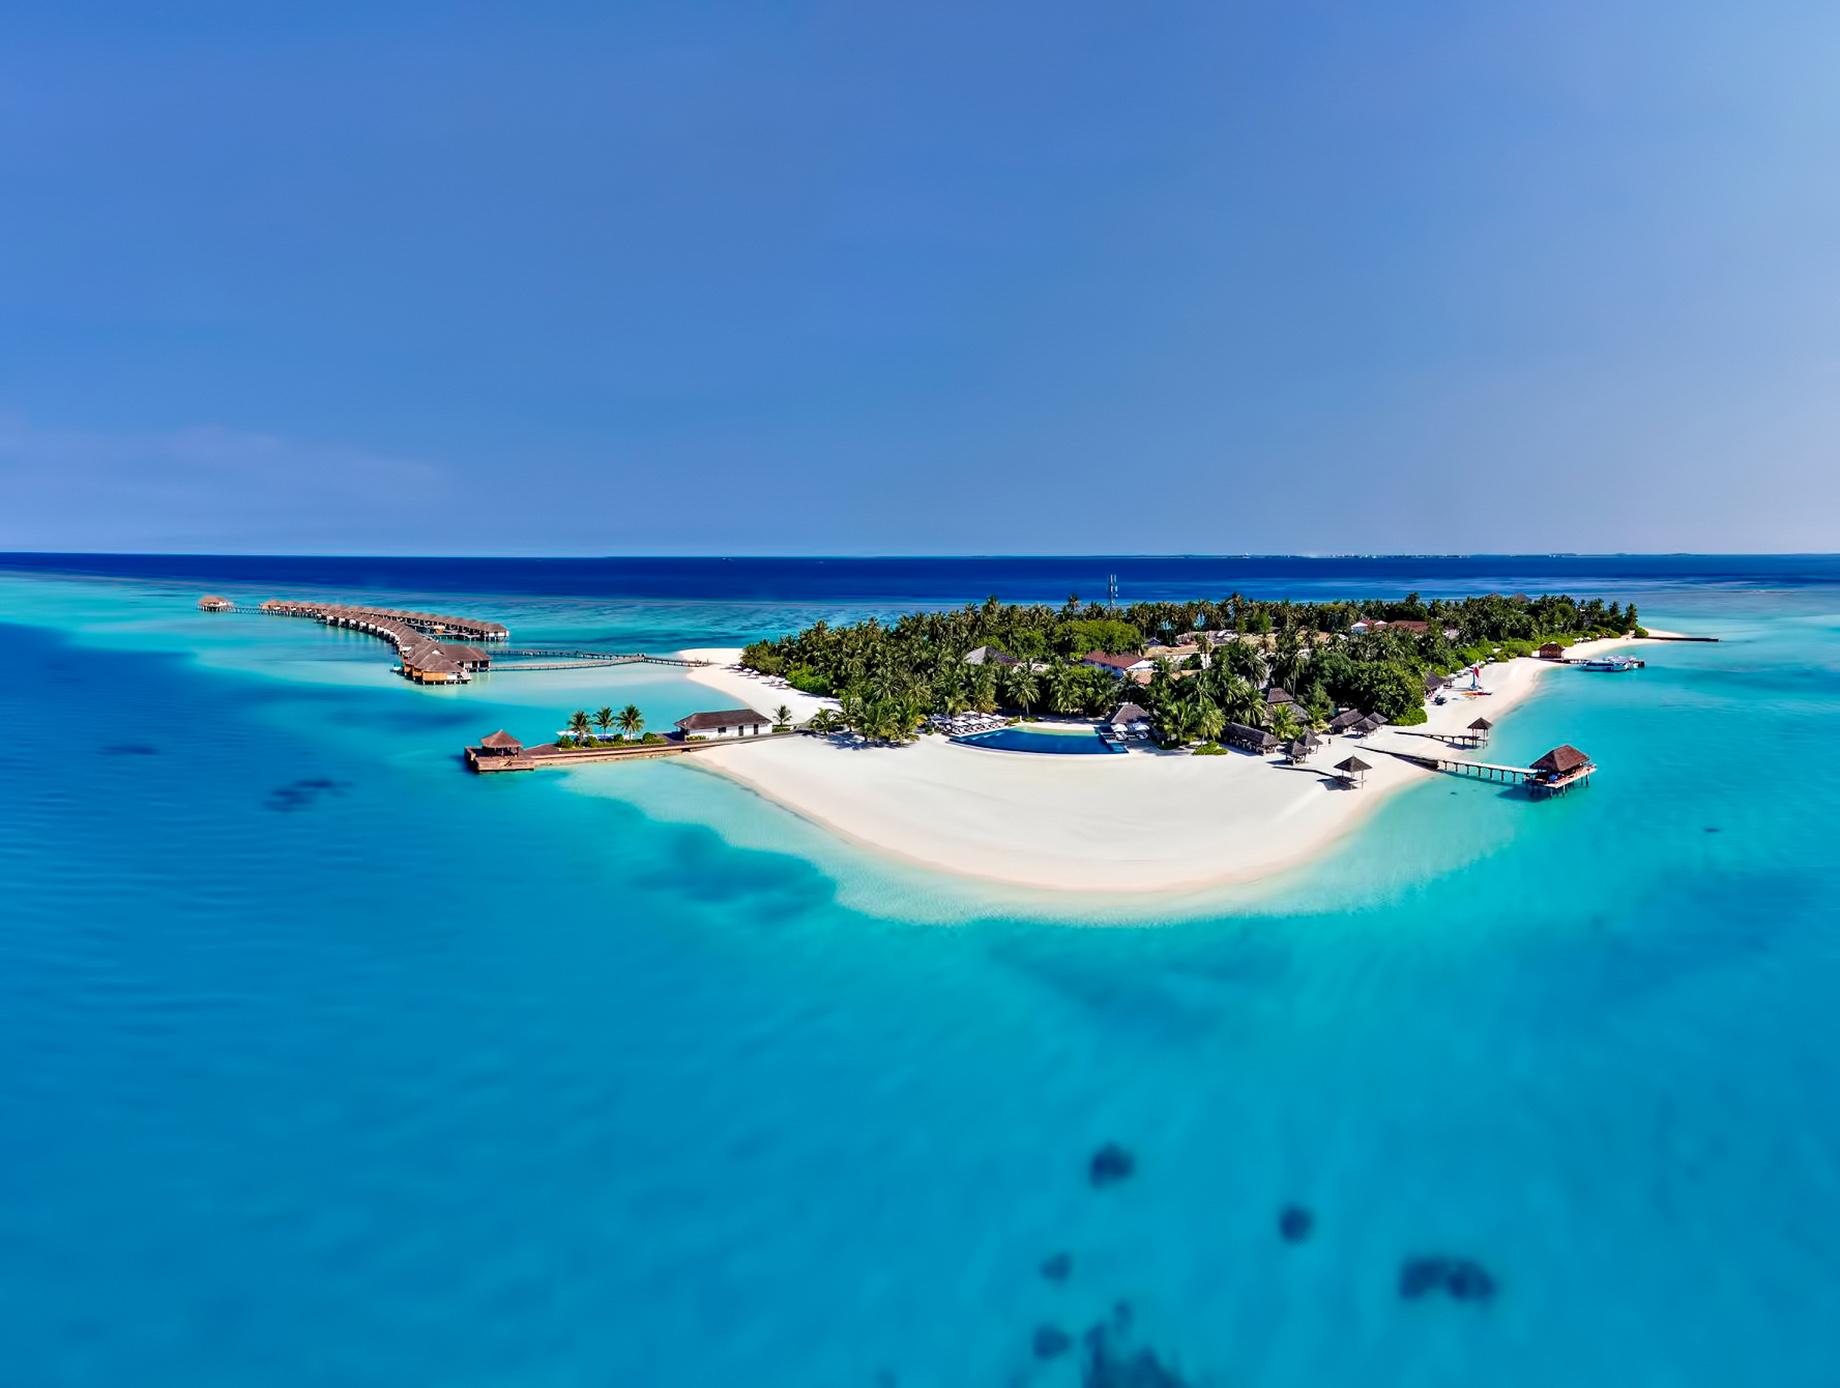 Velassaru Maldives Luxury Resort - South Male Atoll, Maldives